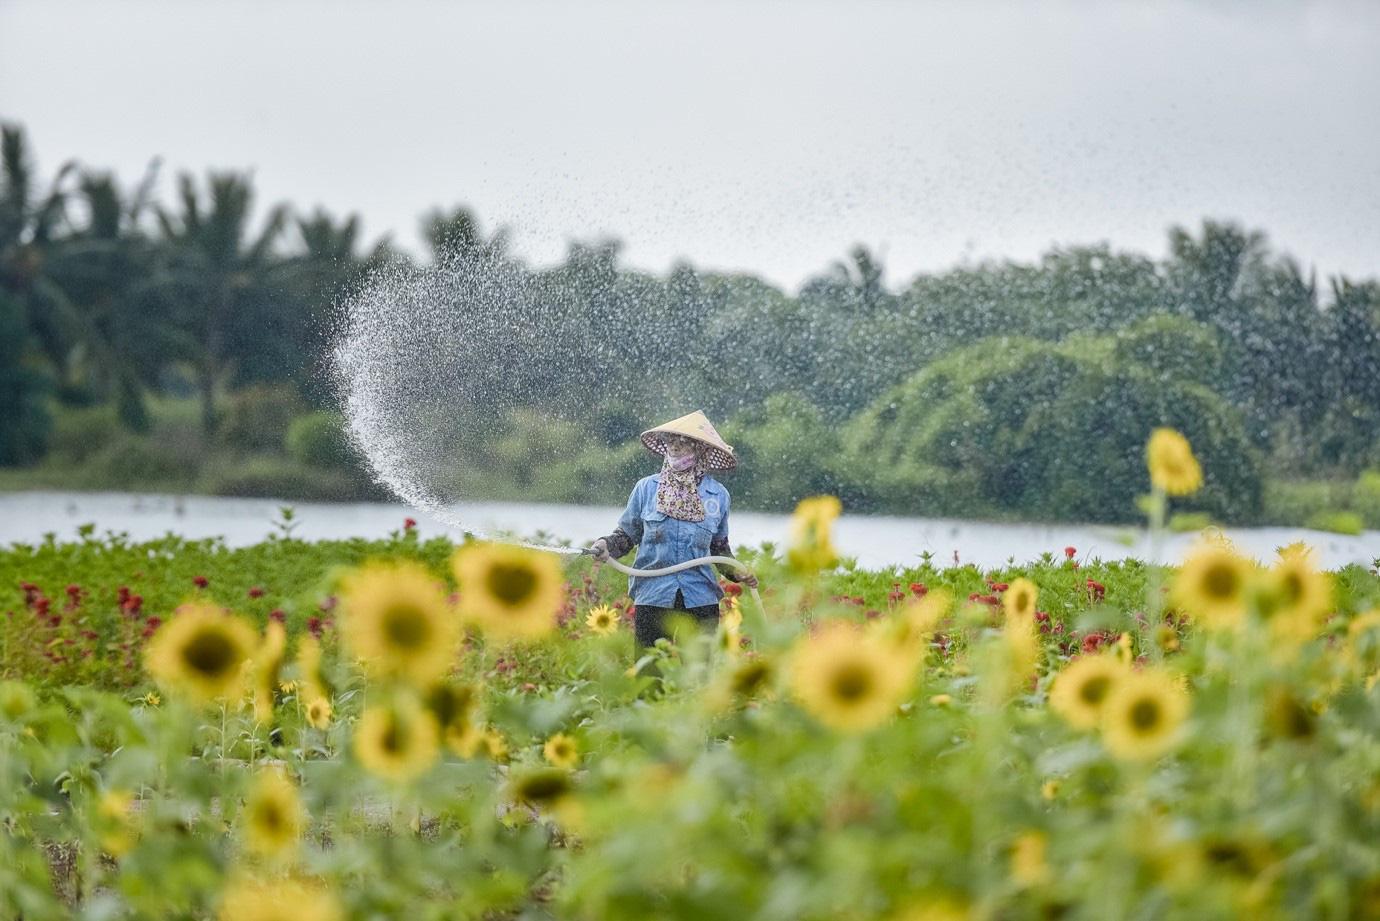 Đồi hoa mặt trời Ecopark khoe sắc đón thu sang - Ảnh 5.